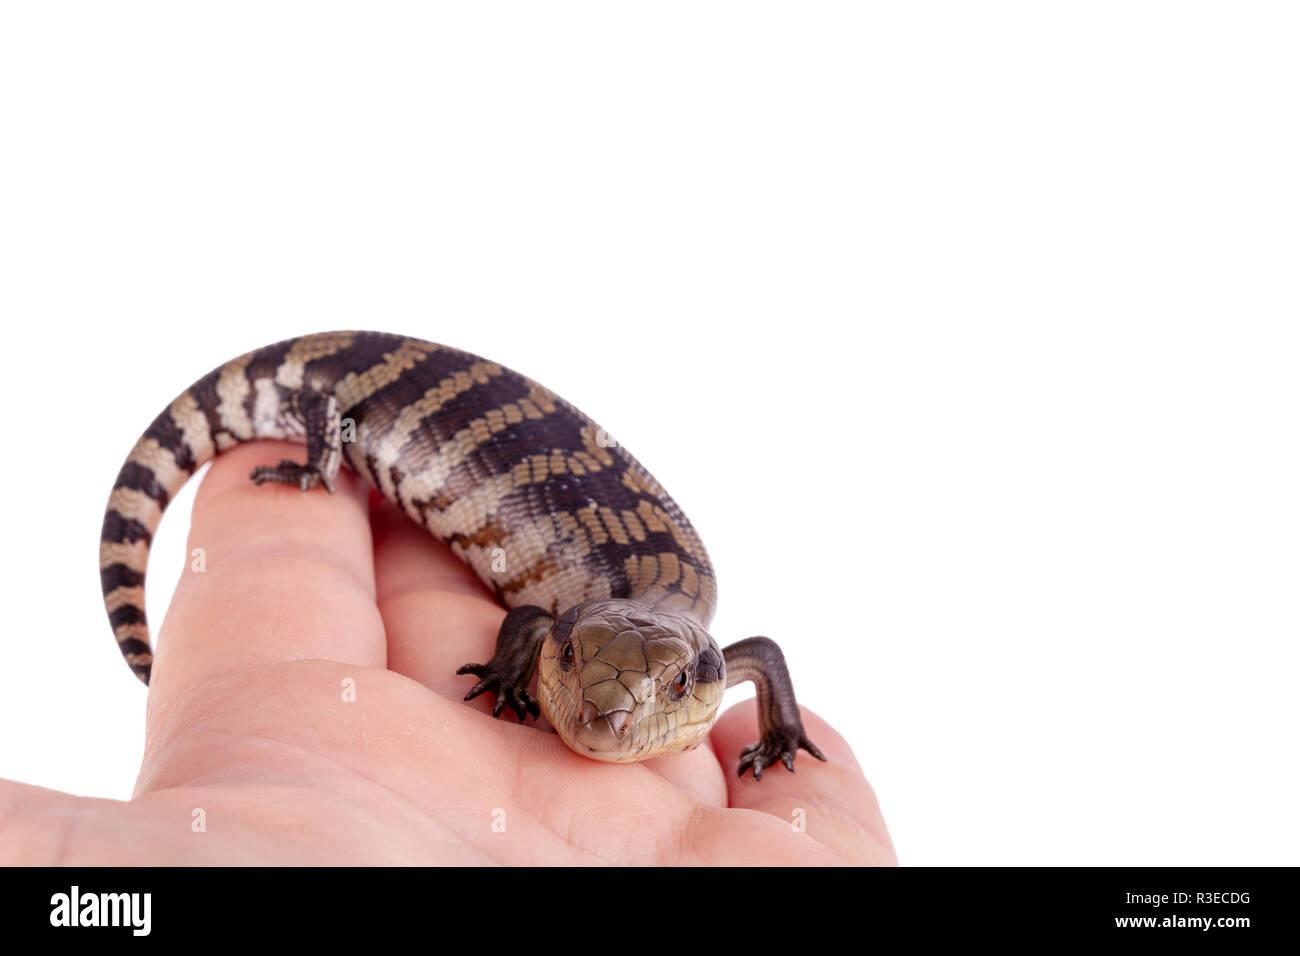 Australier Baby Eastern Blue Tongue Lizard selektiven Fokus und Closeup auf nach Hand auf weißem Hintergrund im Querformat mit Kopie Raum isoliert Stockfoto